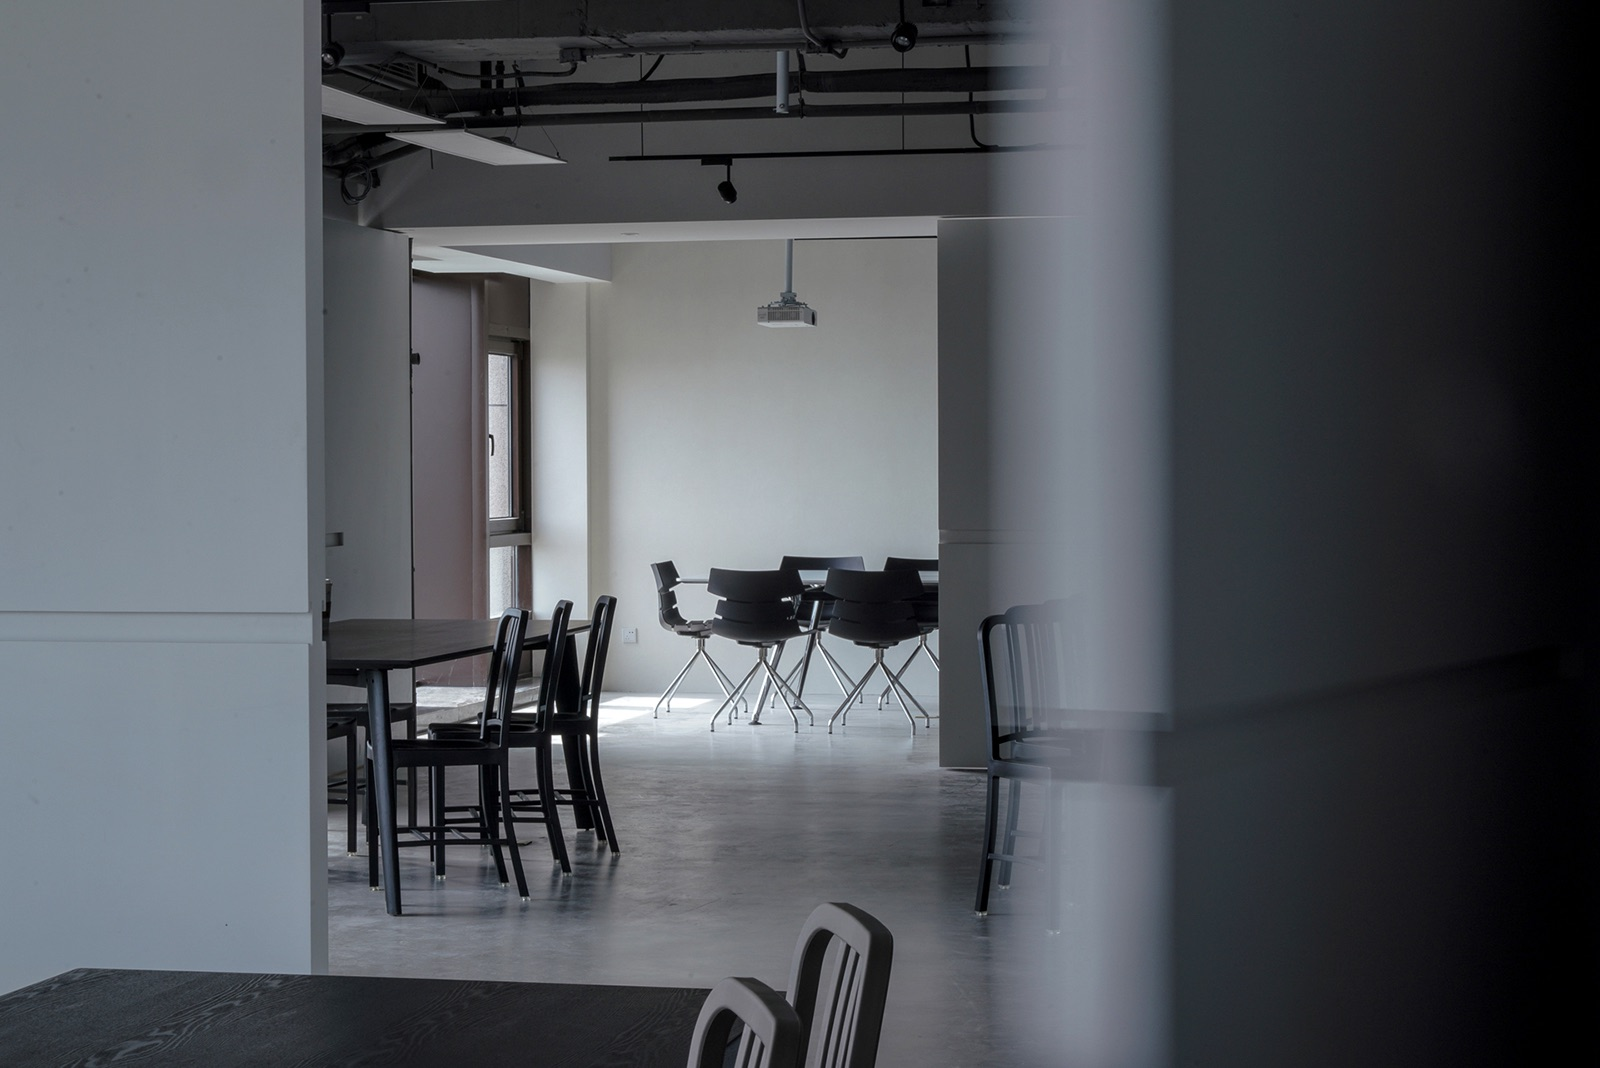 wei-design-nanjing-office-11